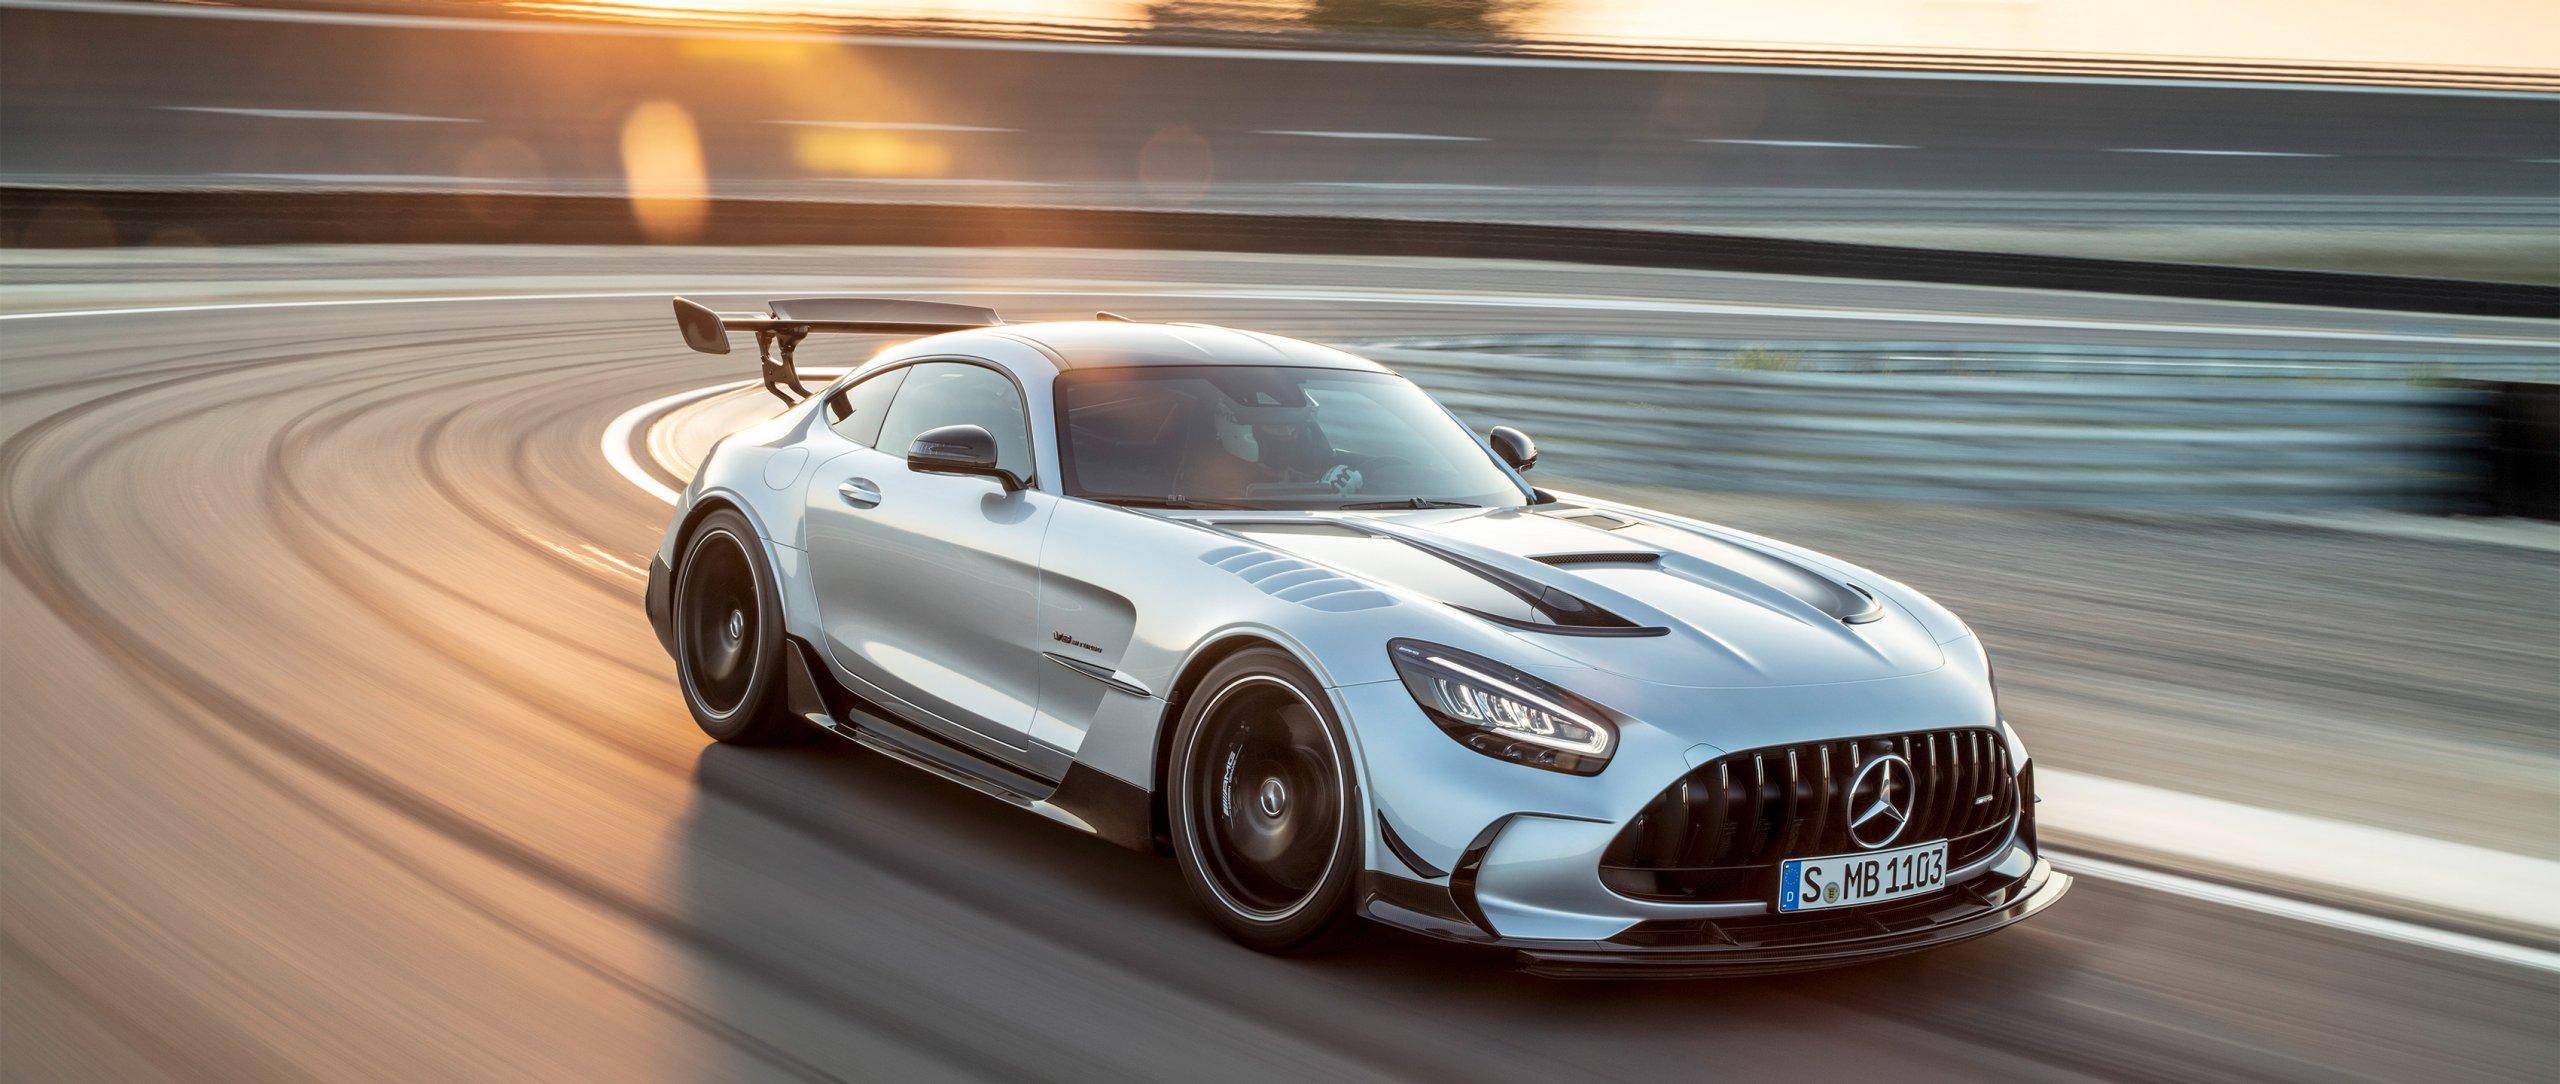 Mercedes GT Black Series знаковая модель в истории «Мерседес»